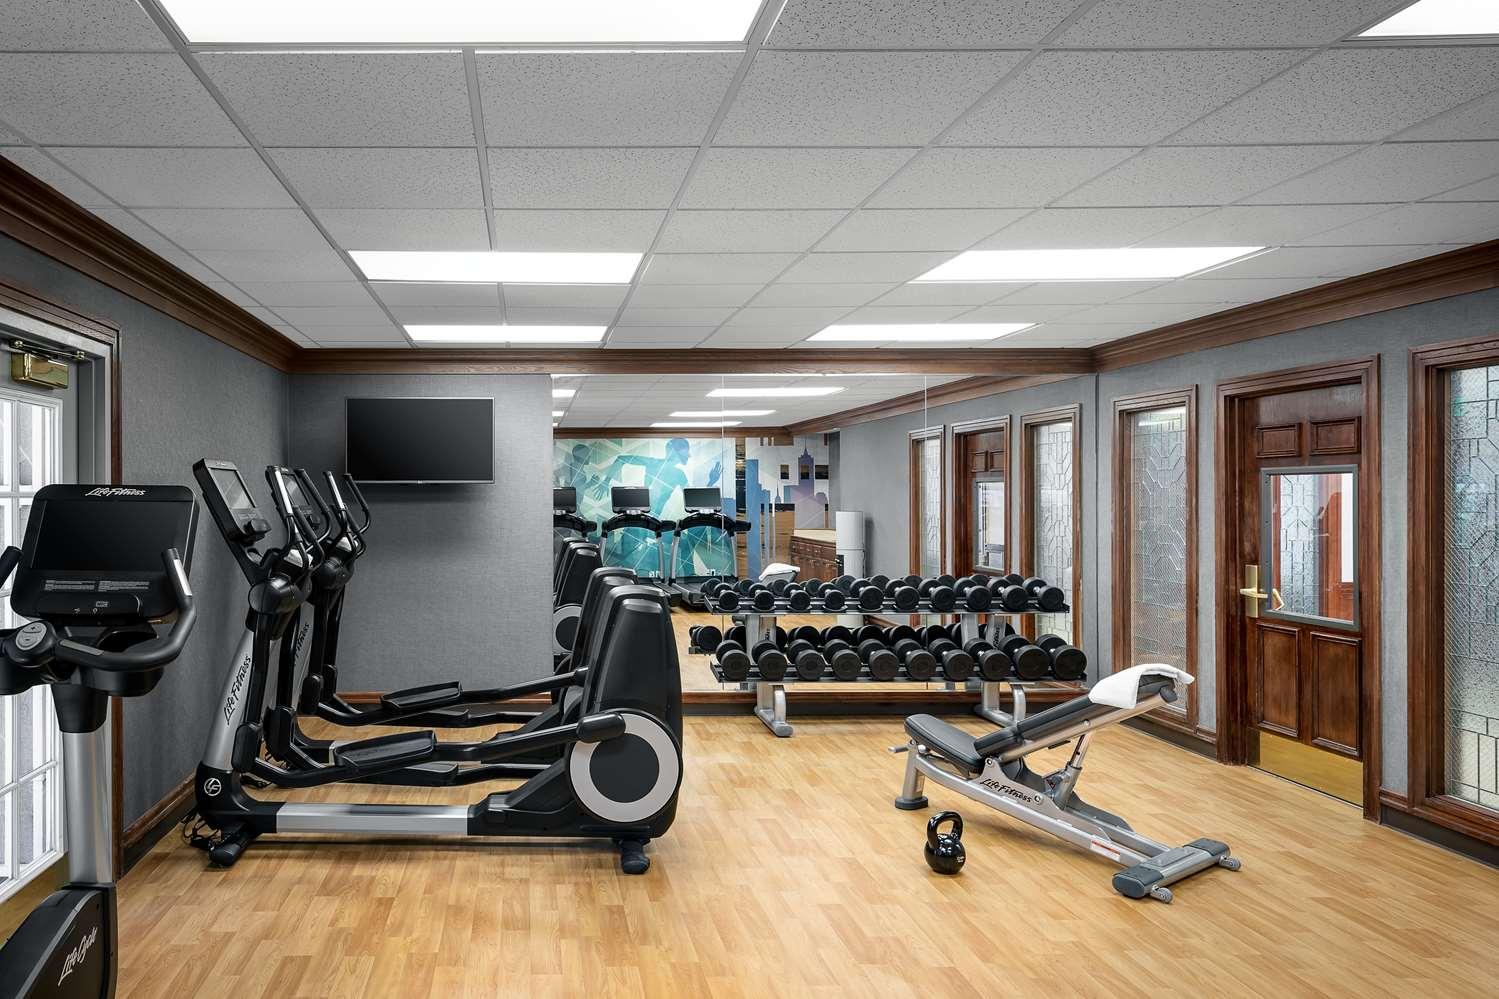 Fitness/ Exercise Room - Hyatt House Hotel Scottsdale